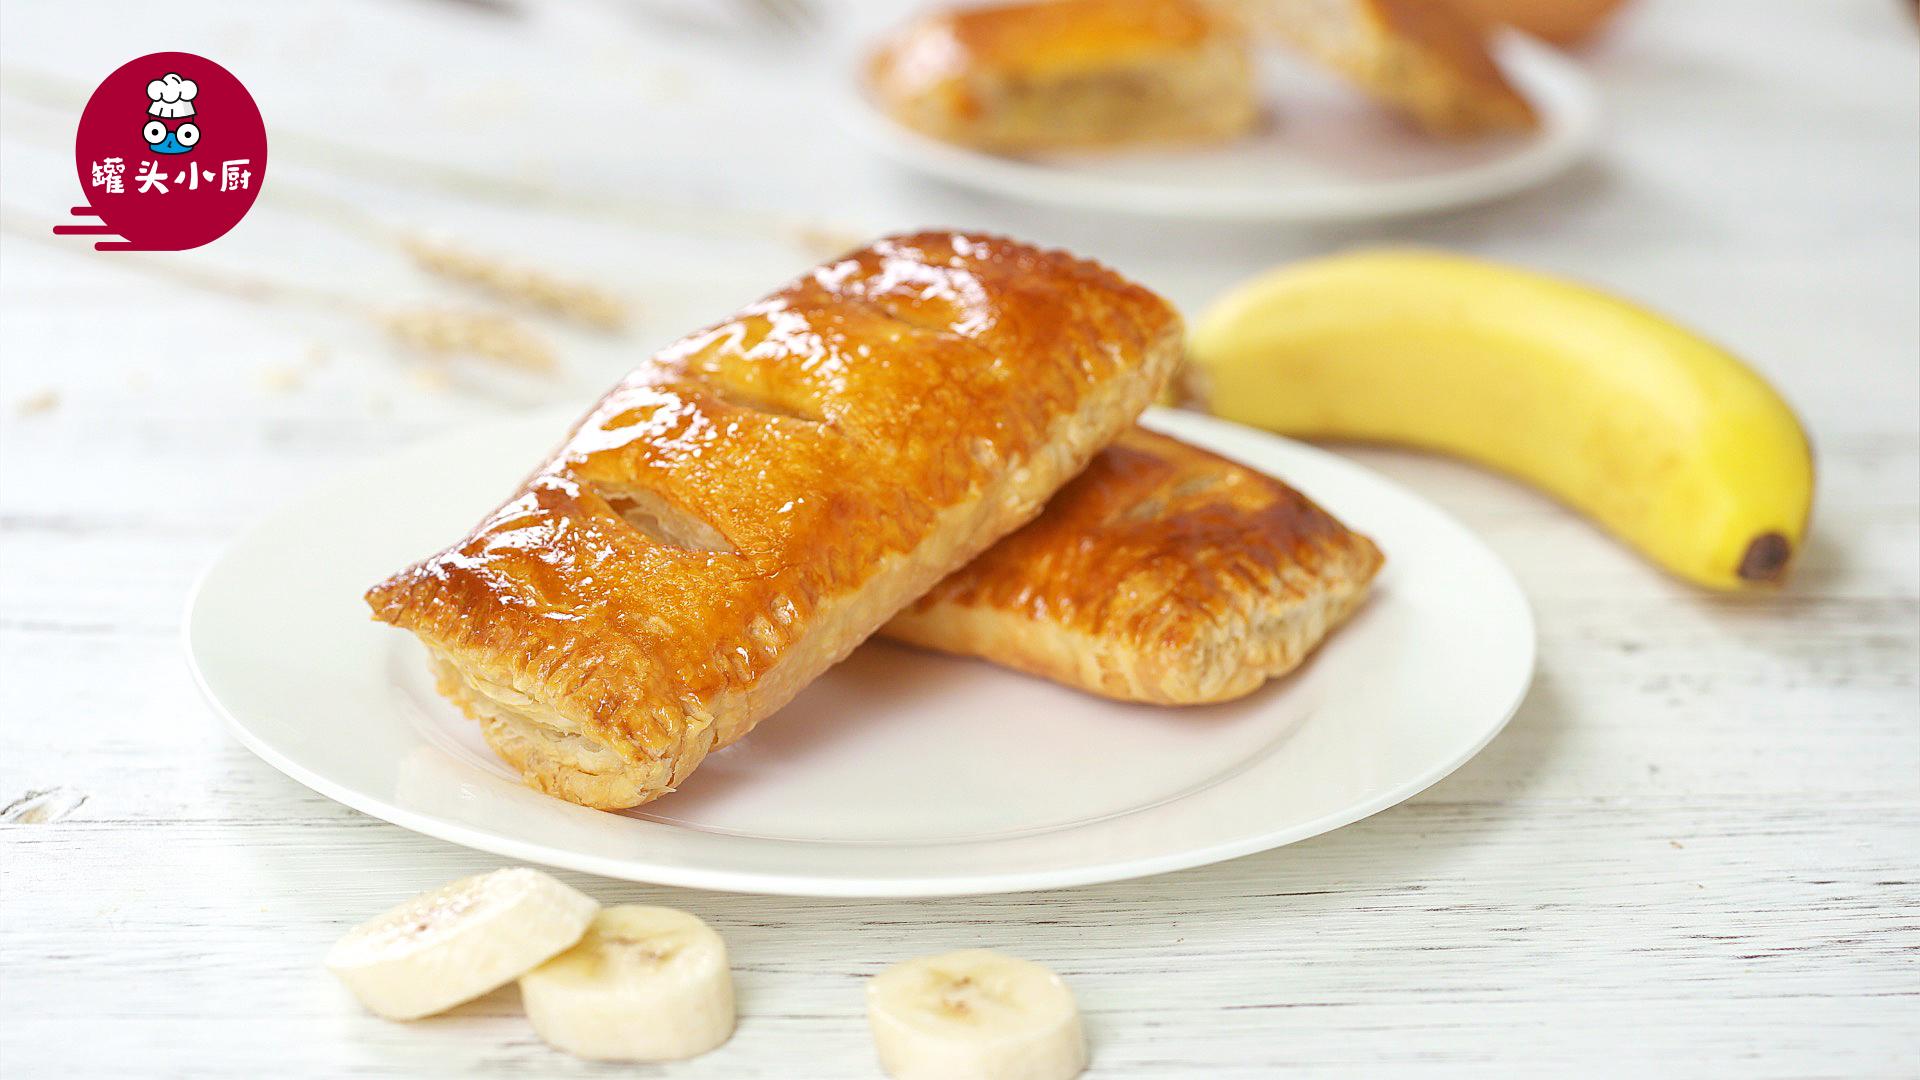 零失手飞饼香蕉派